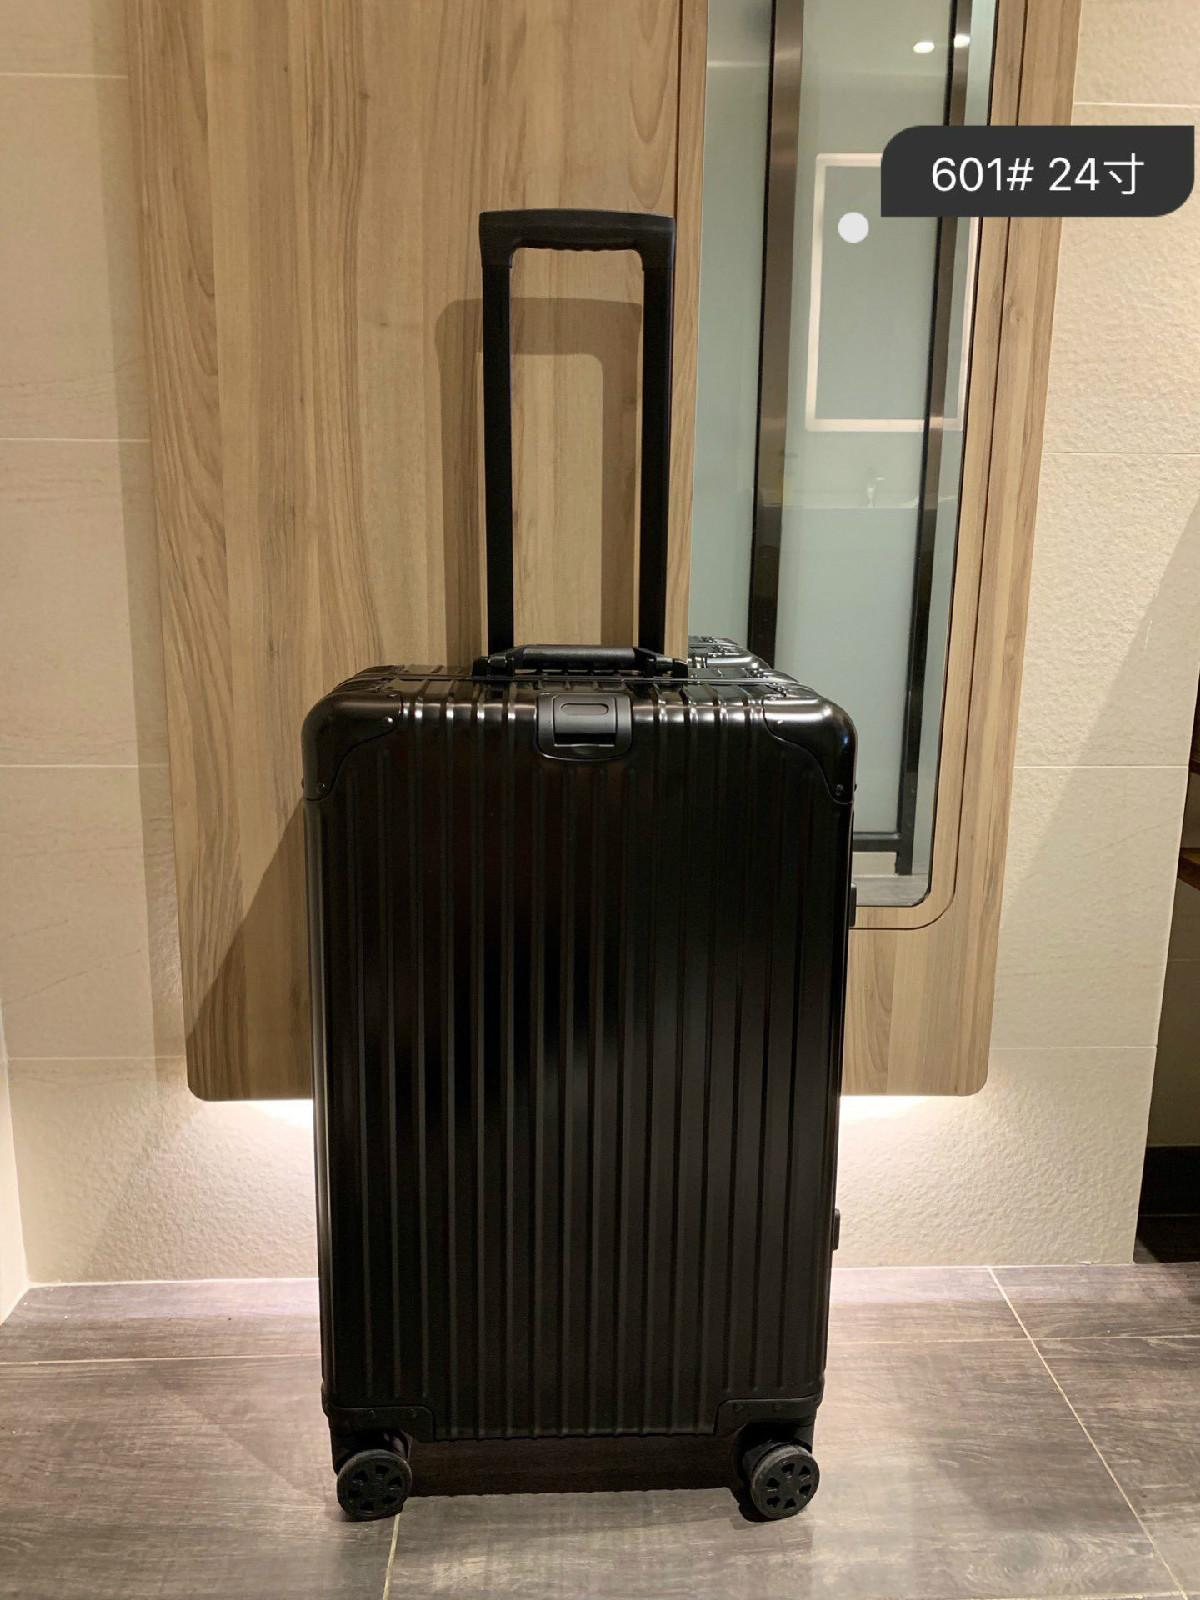 Yüksek Kaliteli PC Anti-Giyim Malzemesi TSA Gümrük Kilidi Kalınlaşmış Alüminyum Alaşım Bavul Köşe Büyük Kapasiteli Seyahat Kılıfı Air Kılıf 20 Inç 1